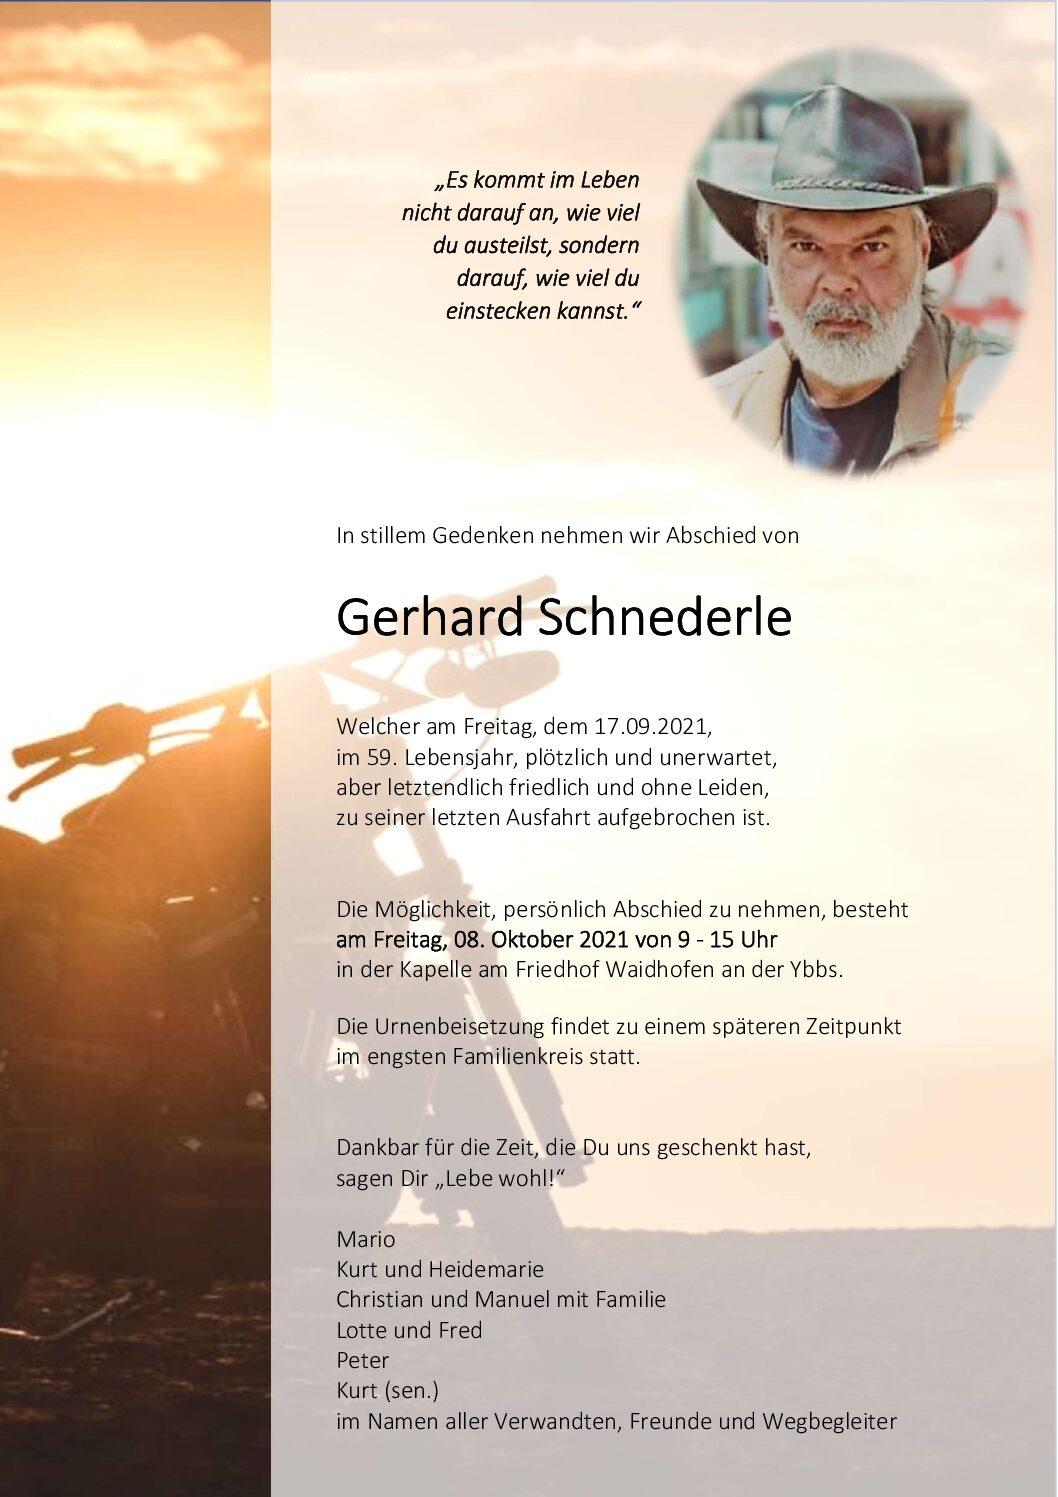 Gerhard Schnederle